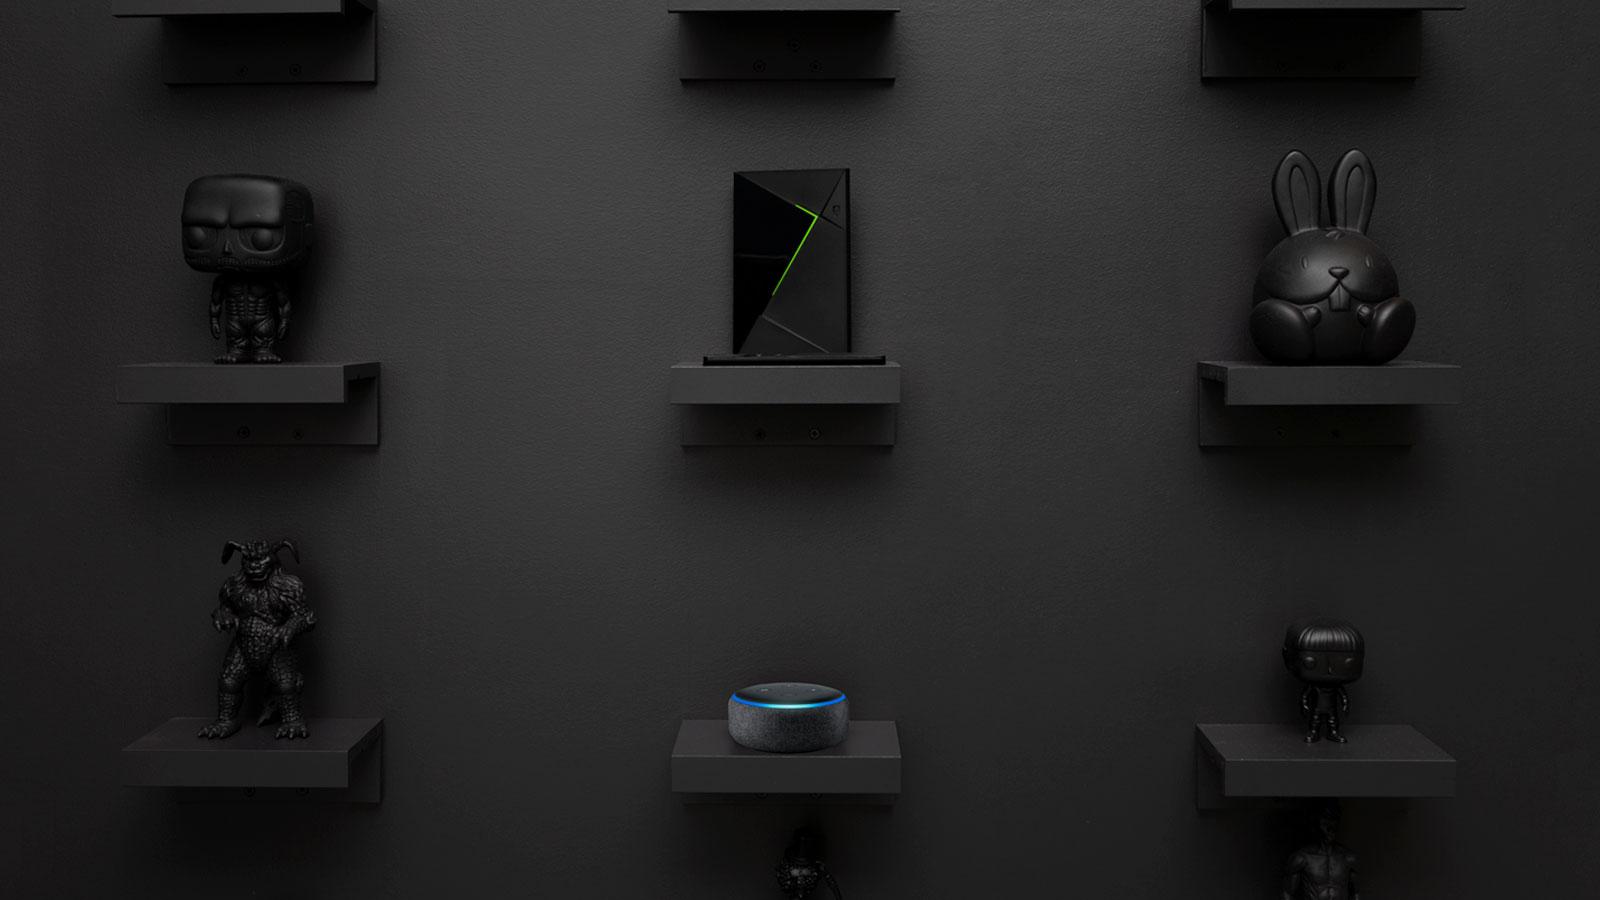 Nvidia Shield Amazon Alexa